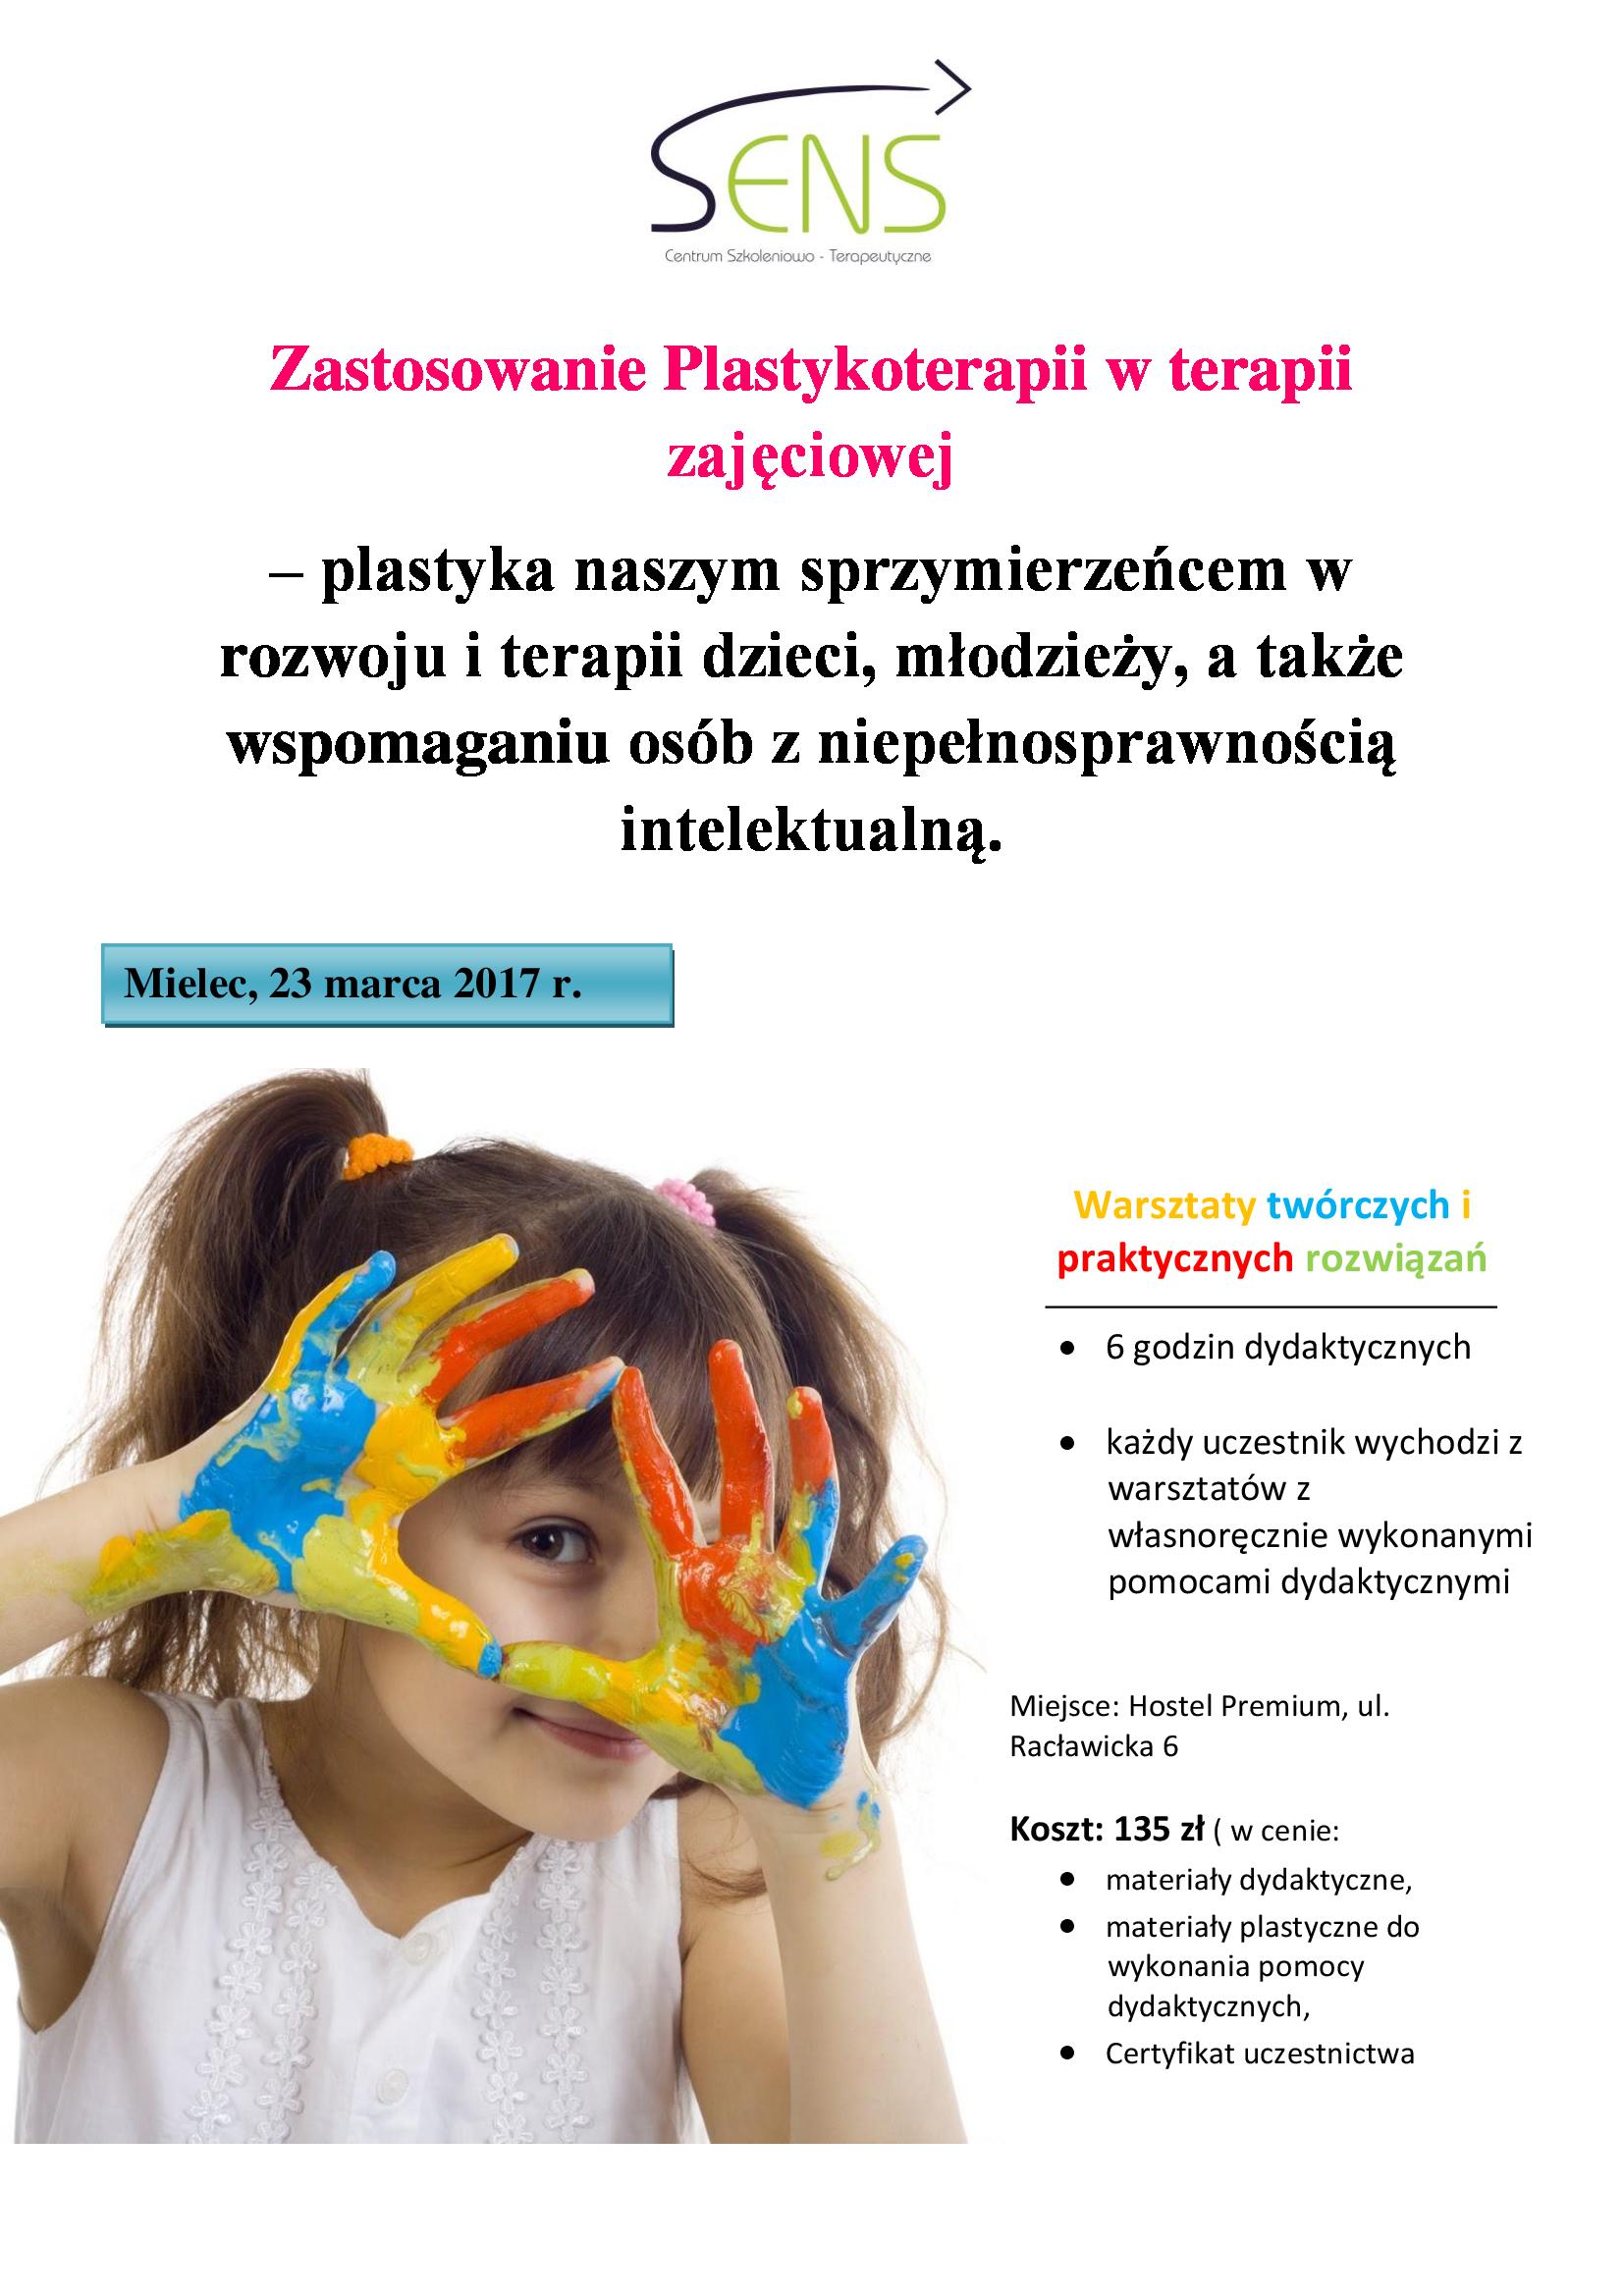 Mielec. Plastykoterapia. Warsztaty. 23.03.17 r.